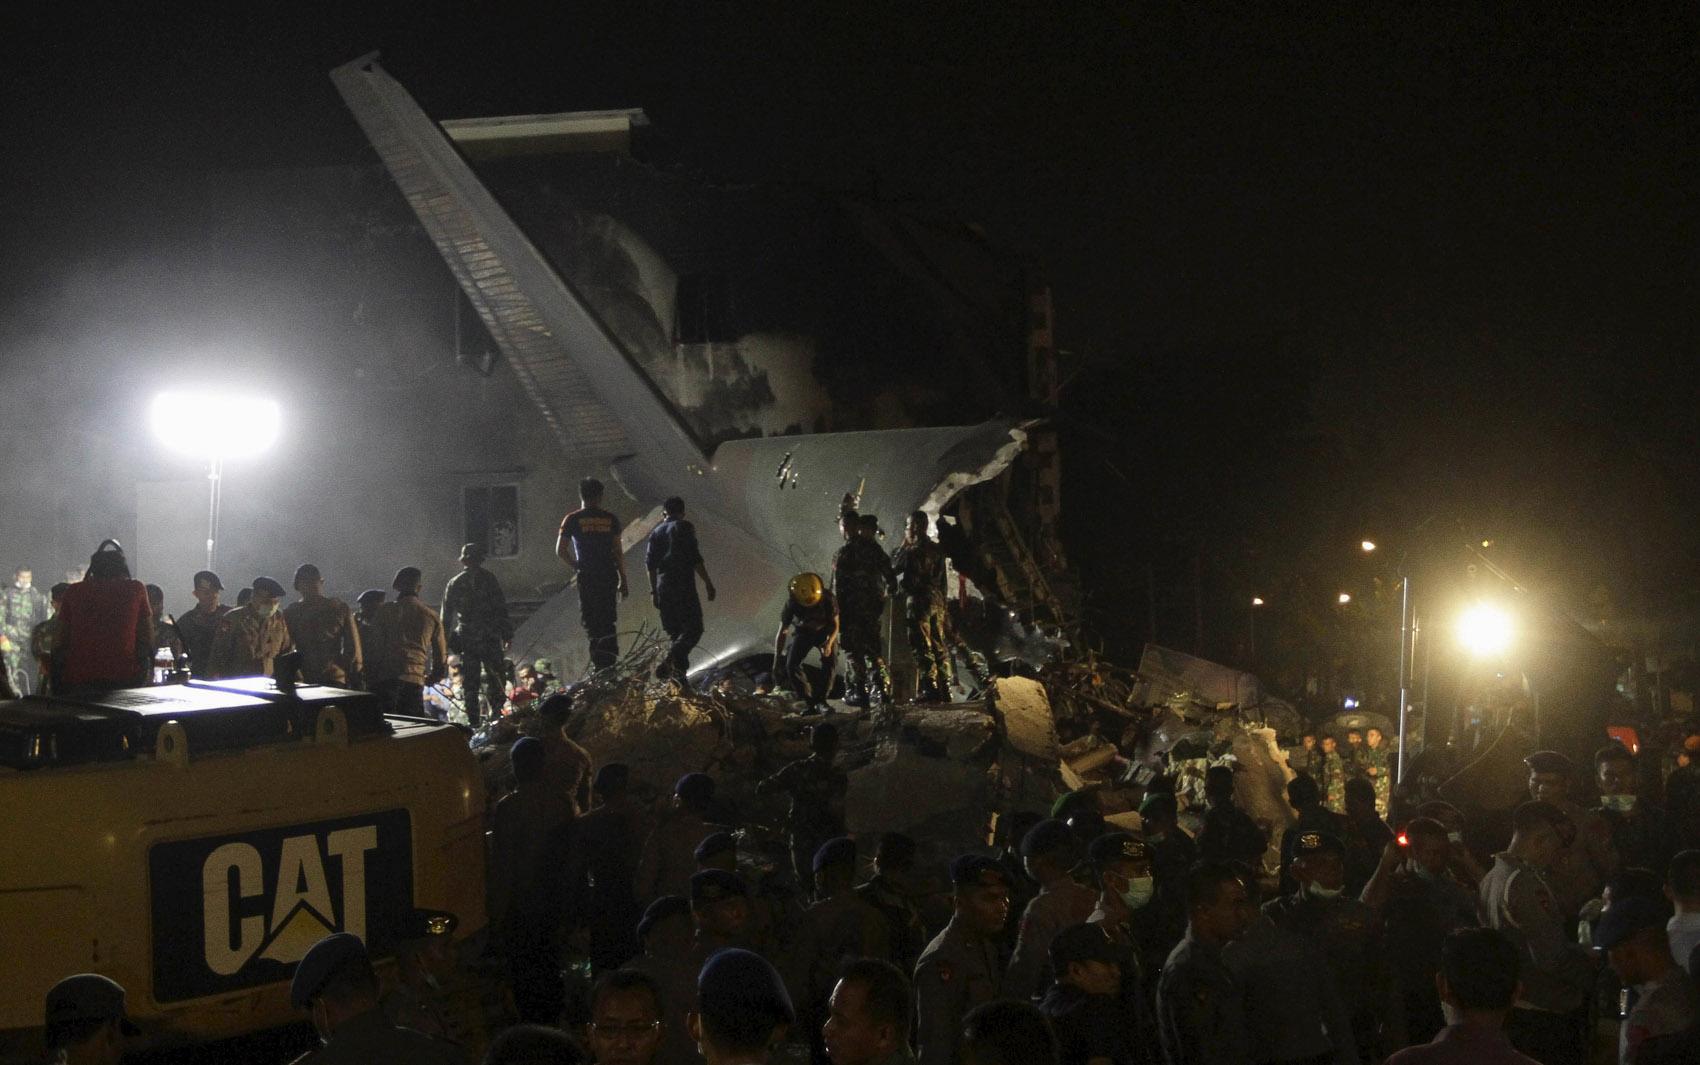 Forças de segurança e equipes de resgate fazem buscas nos destroços do avião militar Hercules C-130 que caiu na cidade de Medan, na Indonésia